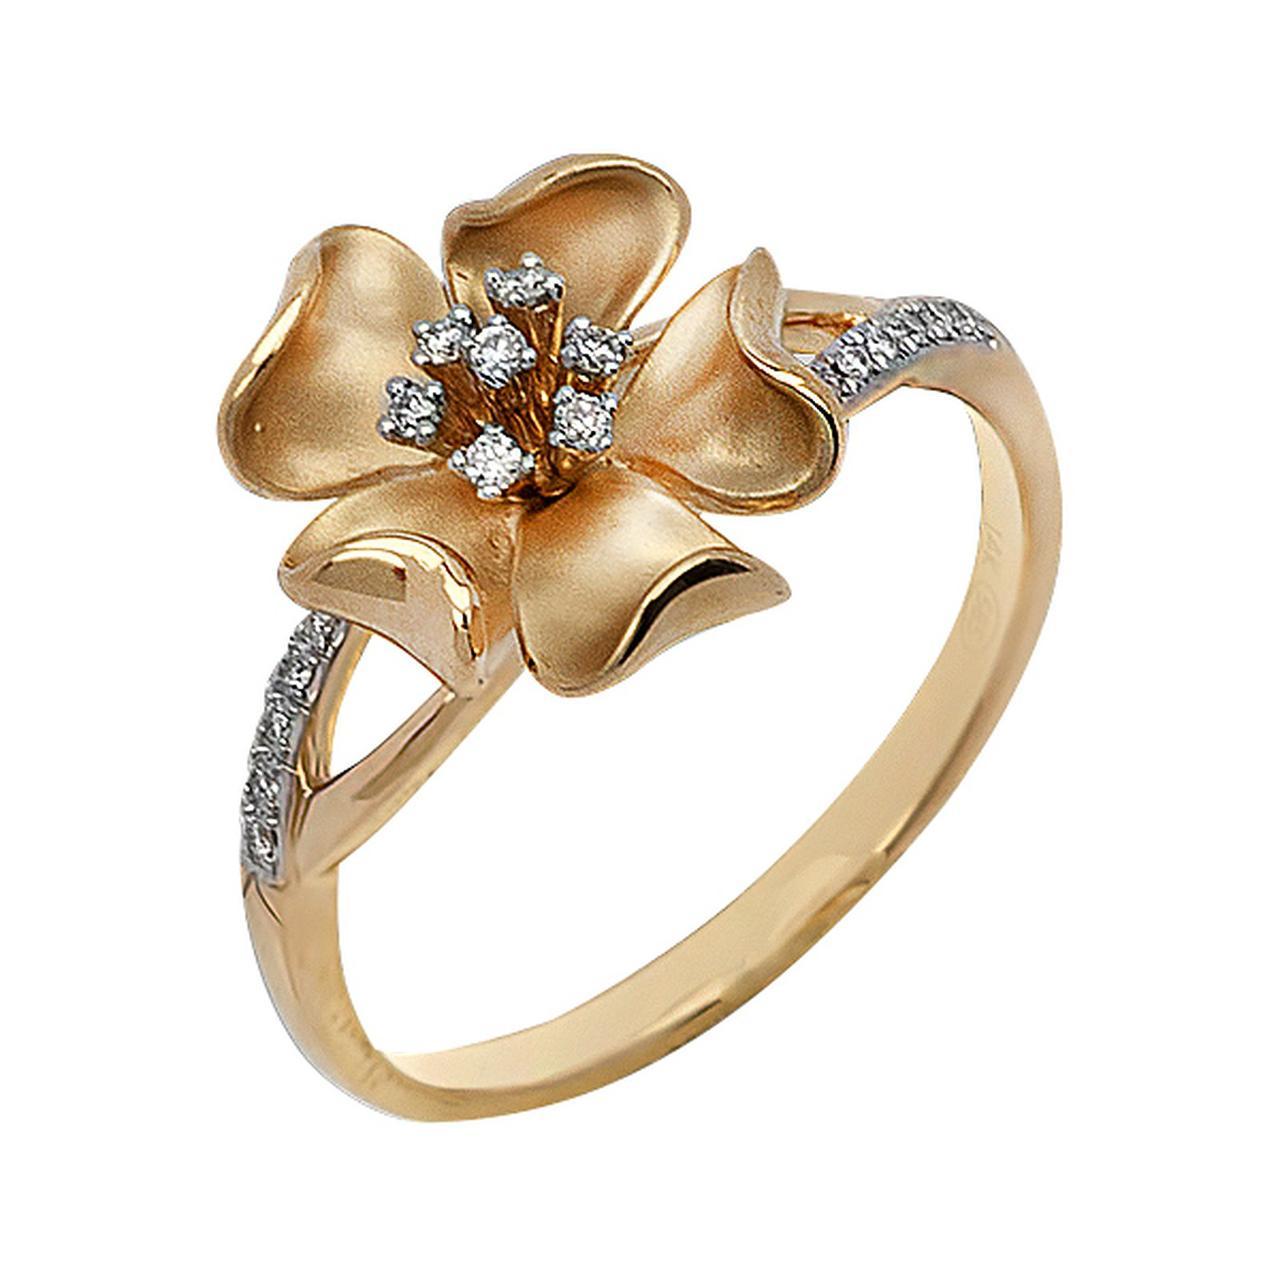 Золотое кольцо с бриллиантами, размер 16 (044154)